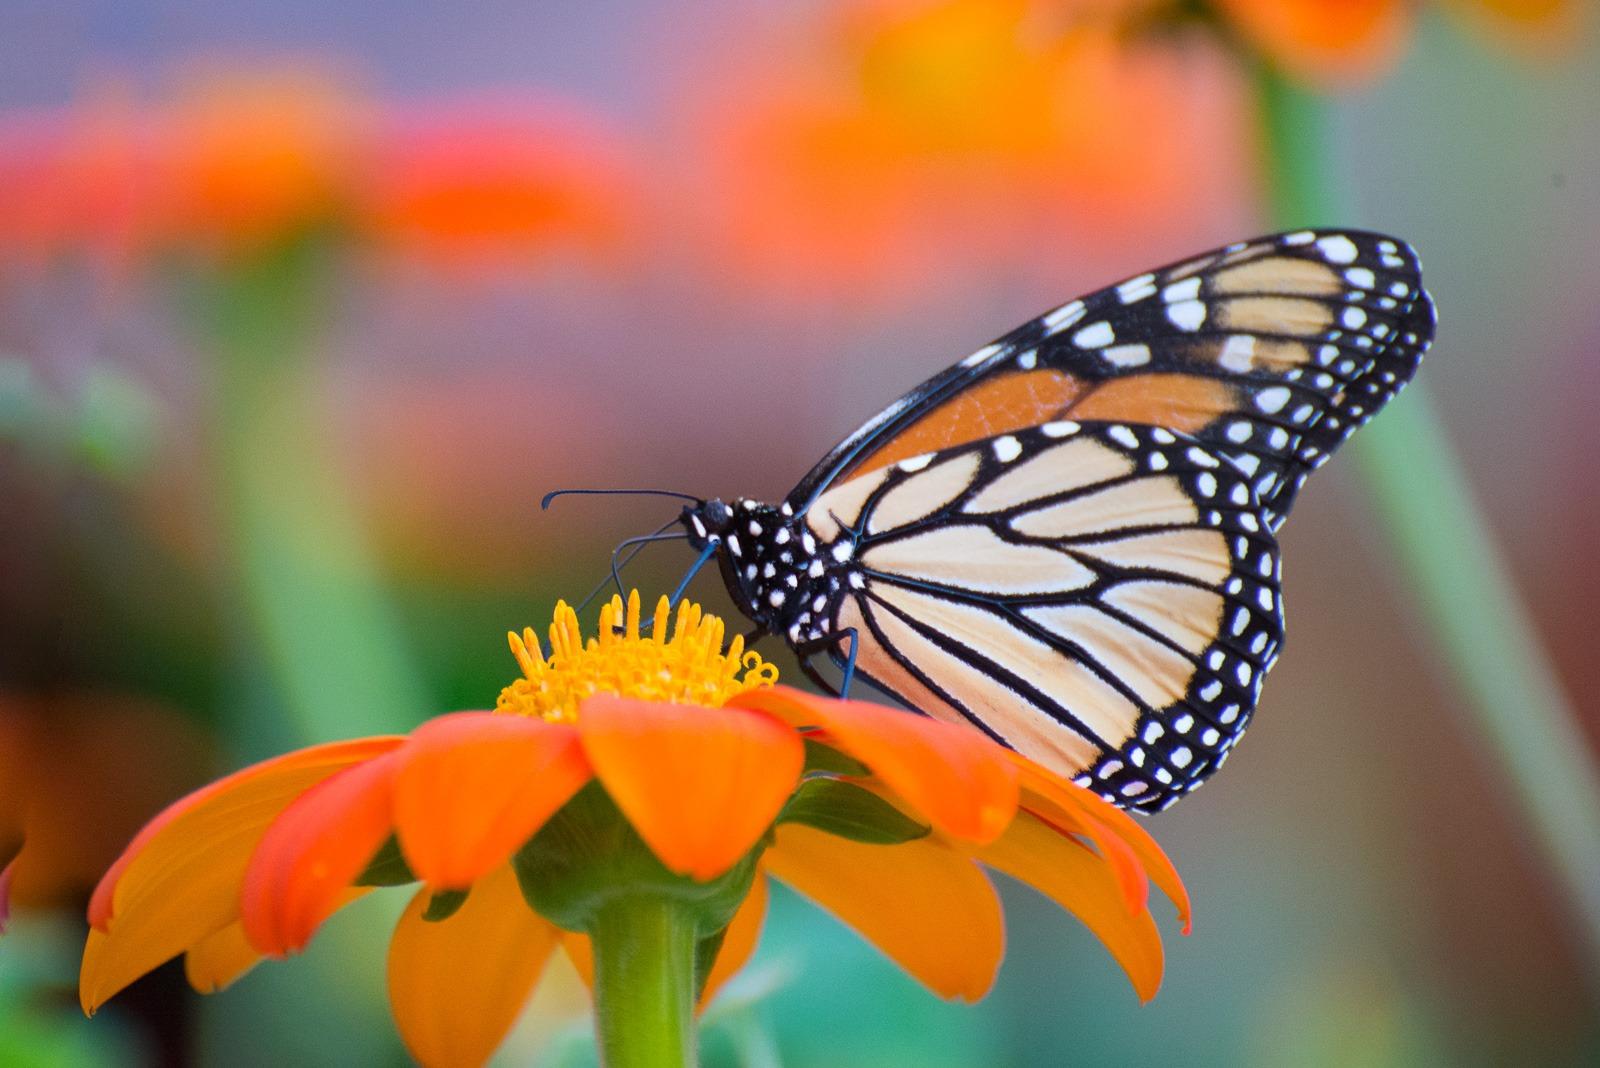 09-07-16 Chicago Botanic Garden-230.jpg